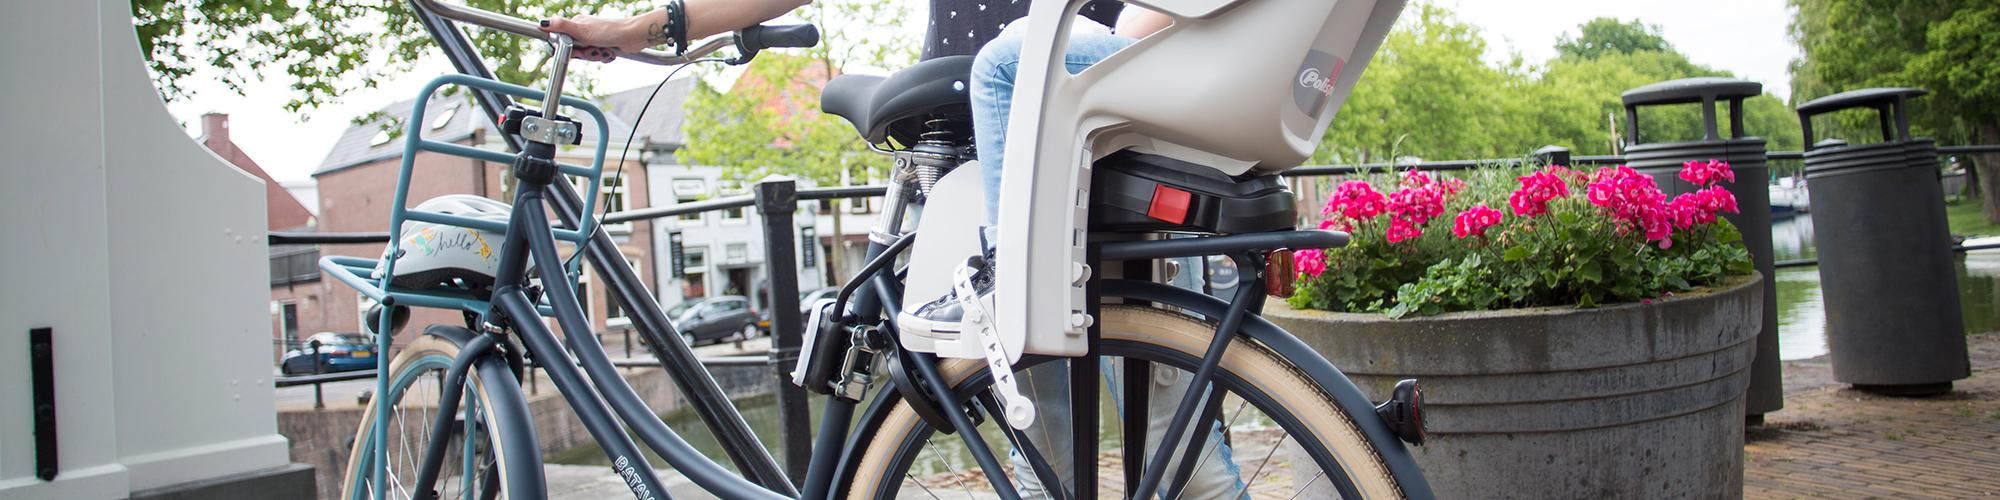 Recambios y accesorios de bicicleta y moto